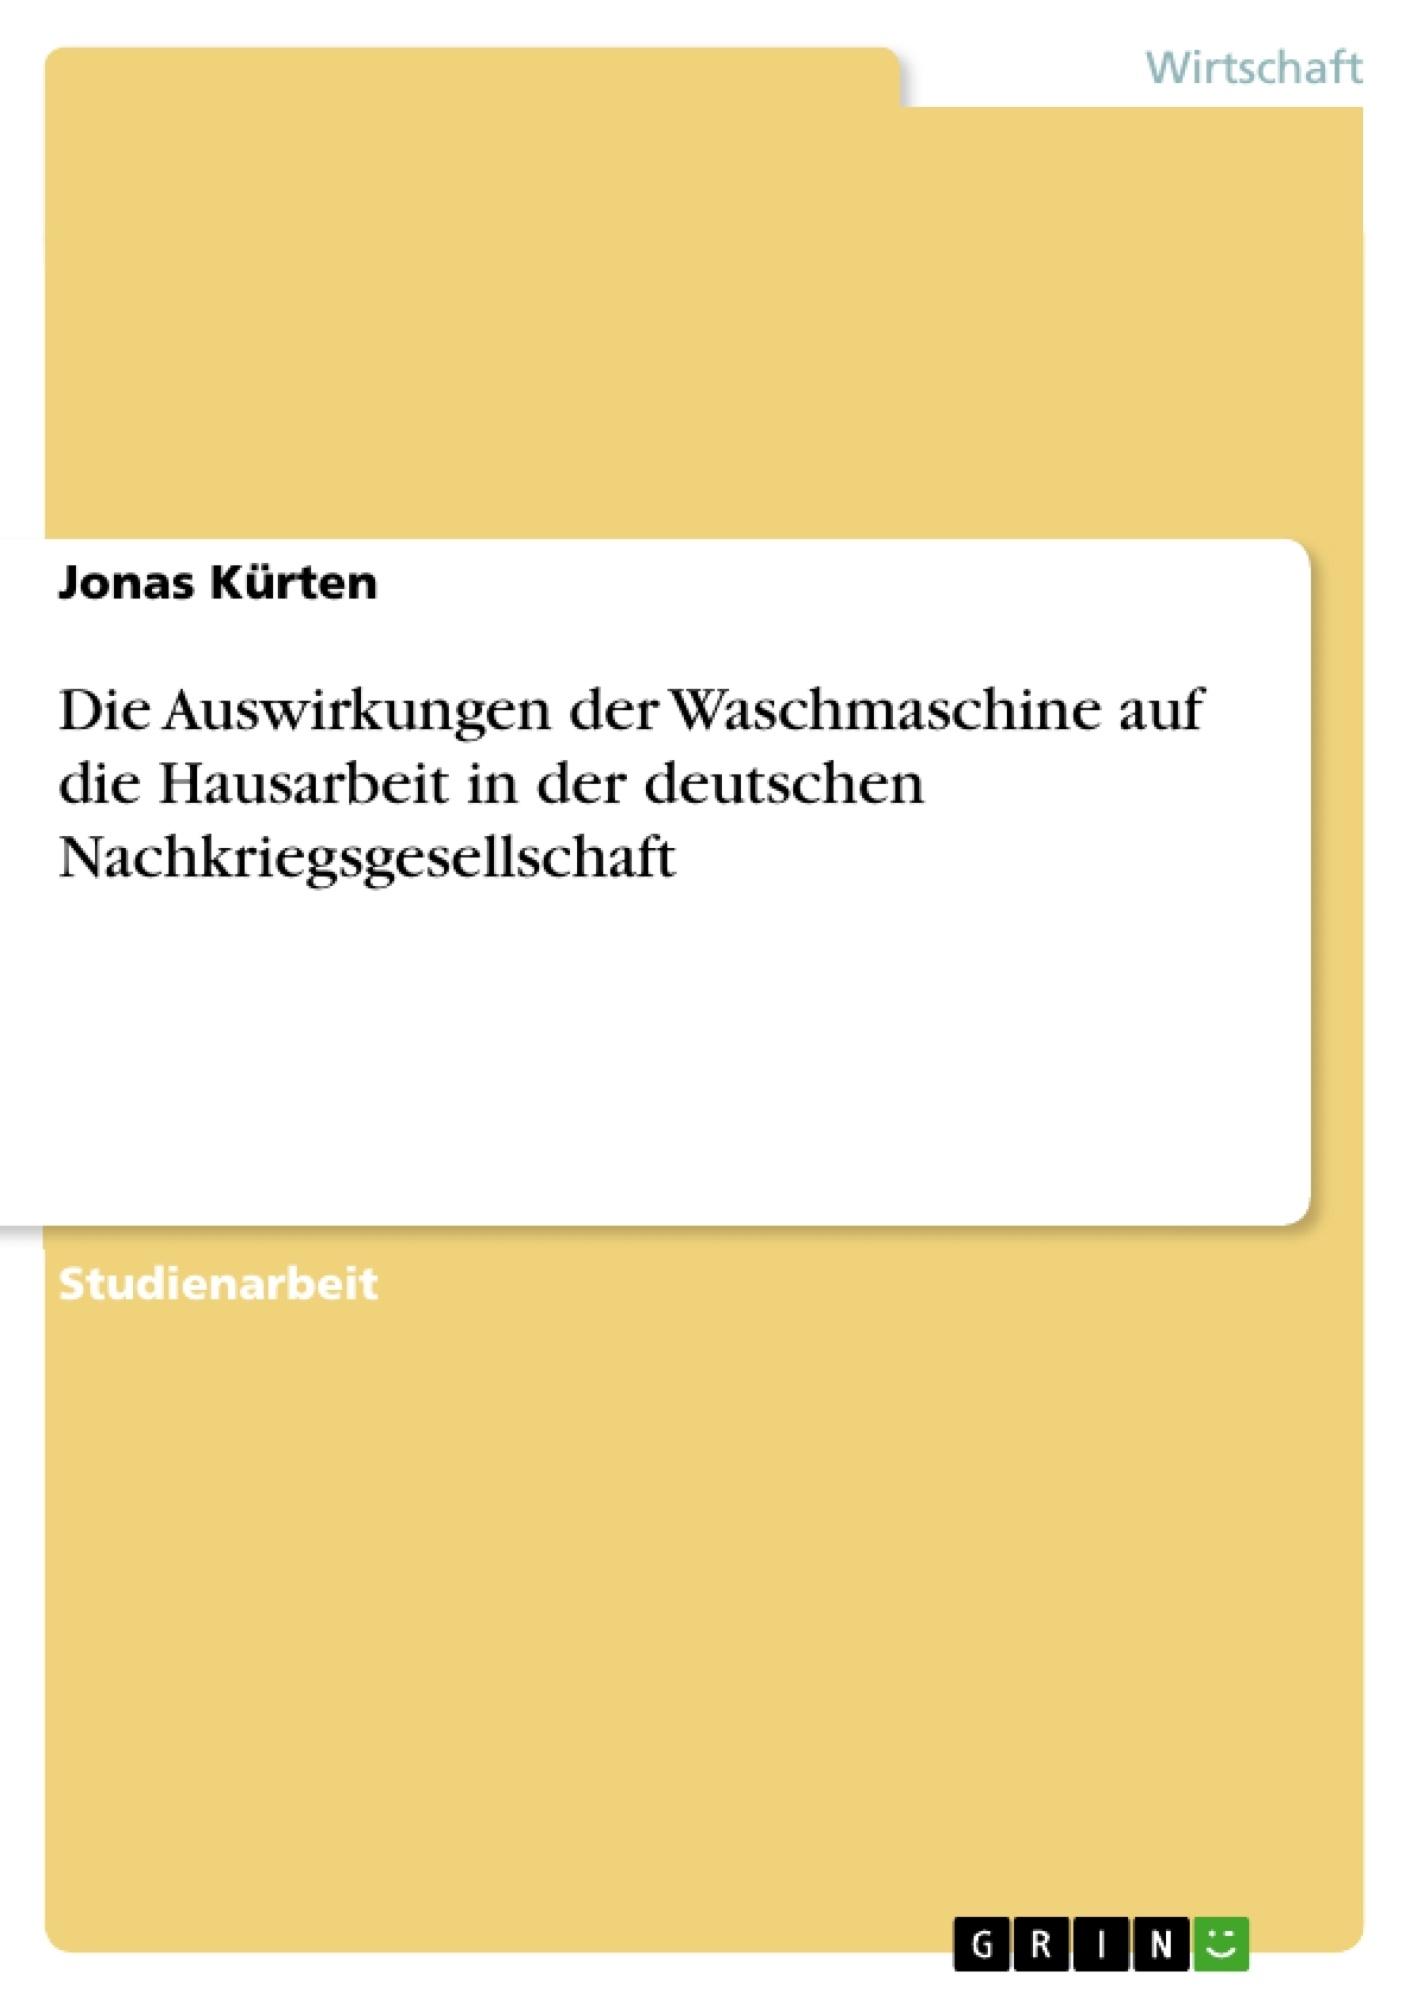 Titel: Die Auswirkungen der Waschmaschine auf die Hausarbeit in der deutschen Nachkriegsgesellschaft